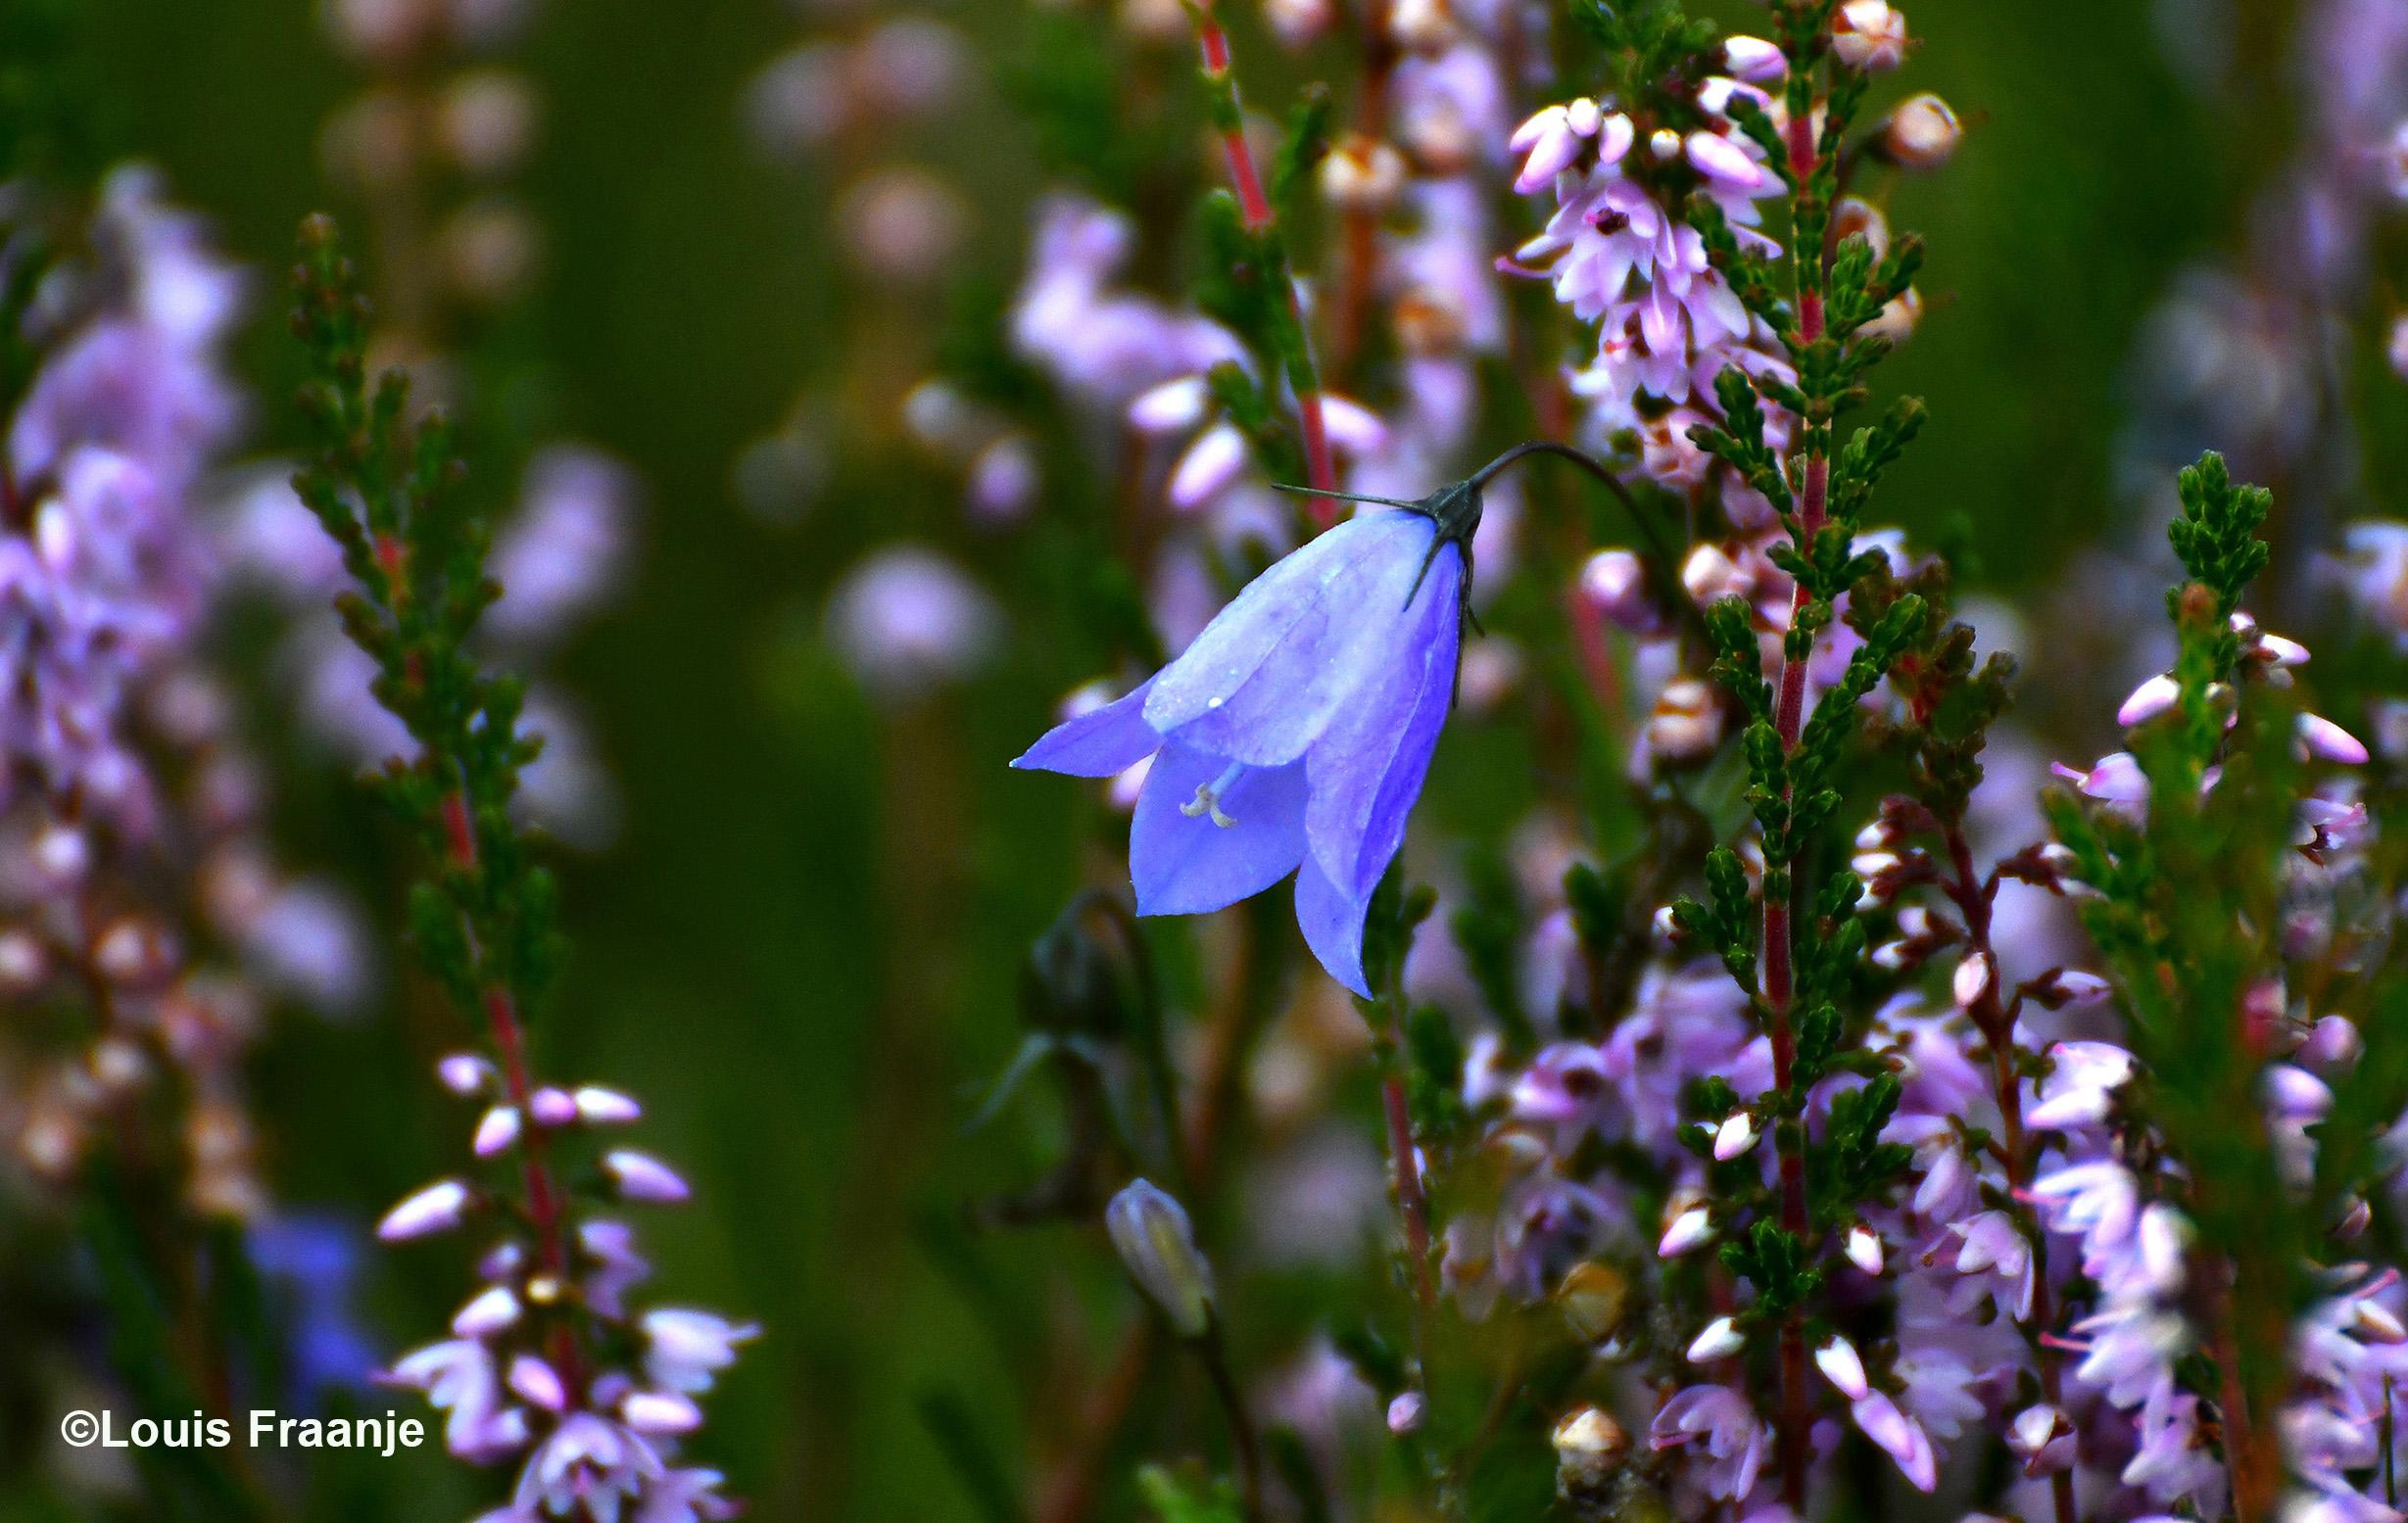 Hoe mooi kan het zijn, zo'n klein blauw Grasklokje tussen al dat paars - Foto: ©Louis Fraanje